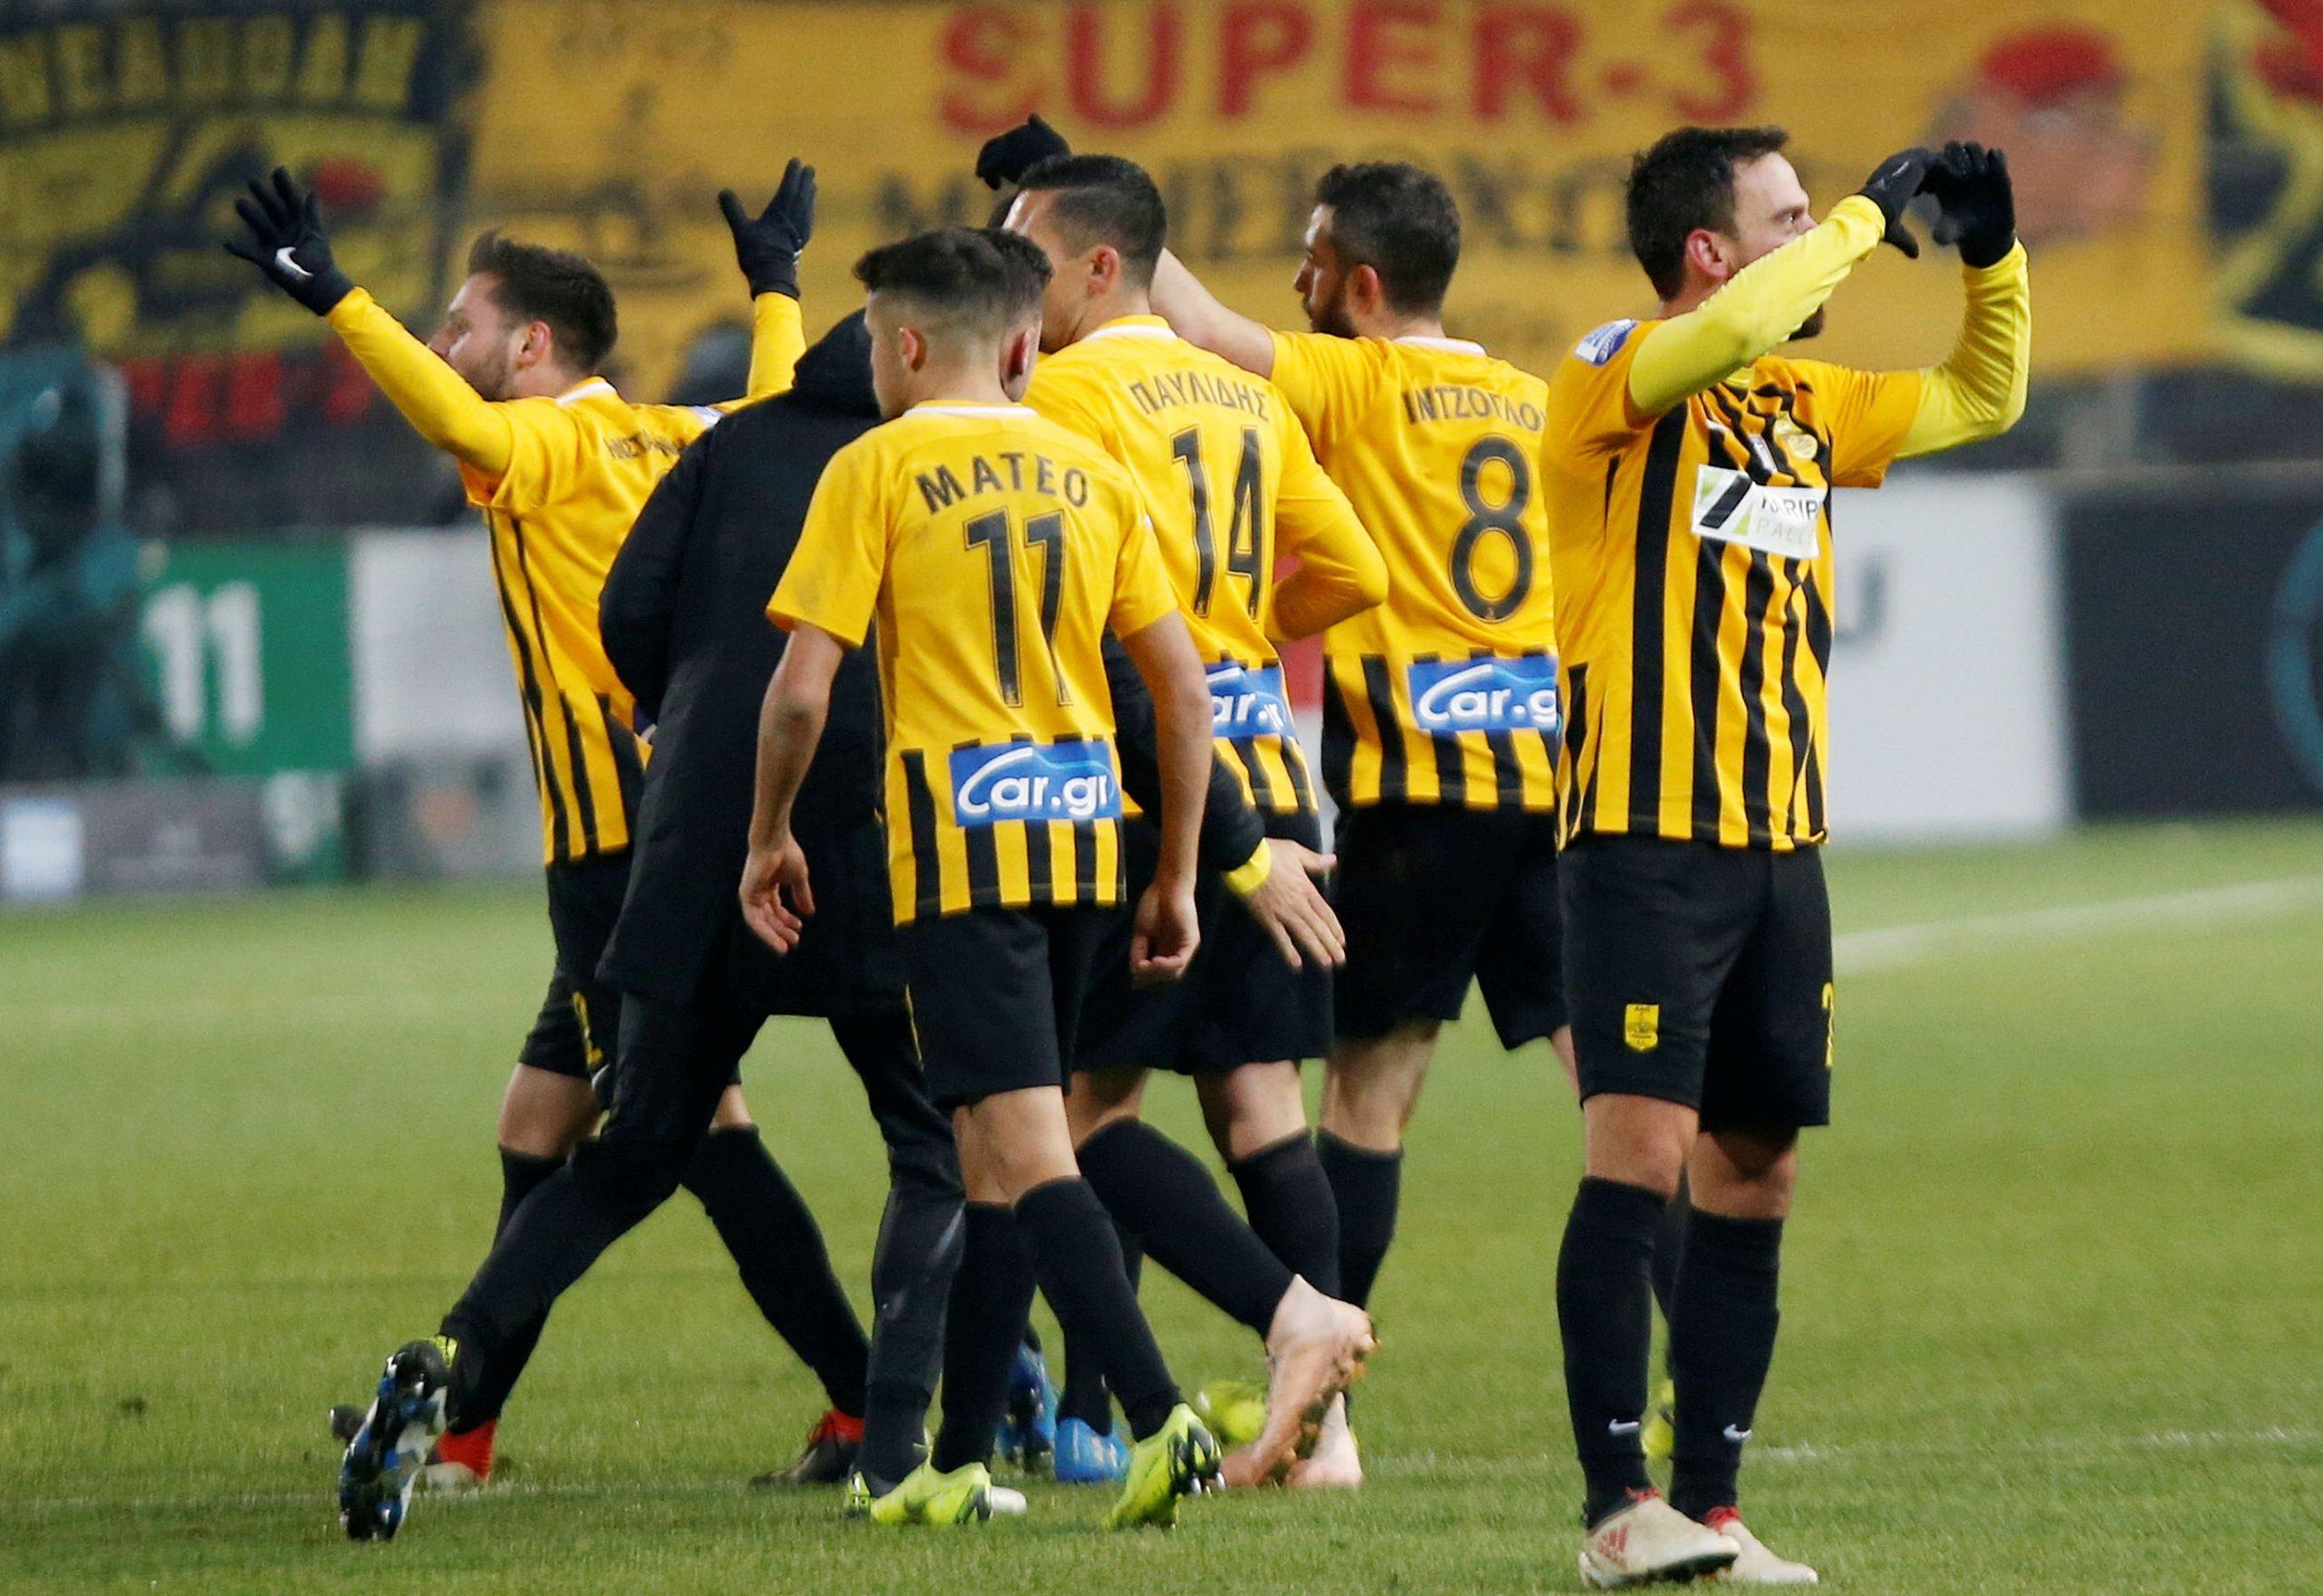 ΠρογνωστικάΠαρασκευής (11/09/20): Πρεμιέρα στη Super League και Βέλγιο με 2.05